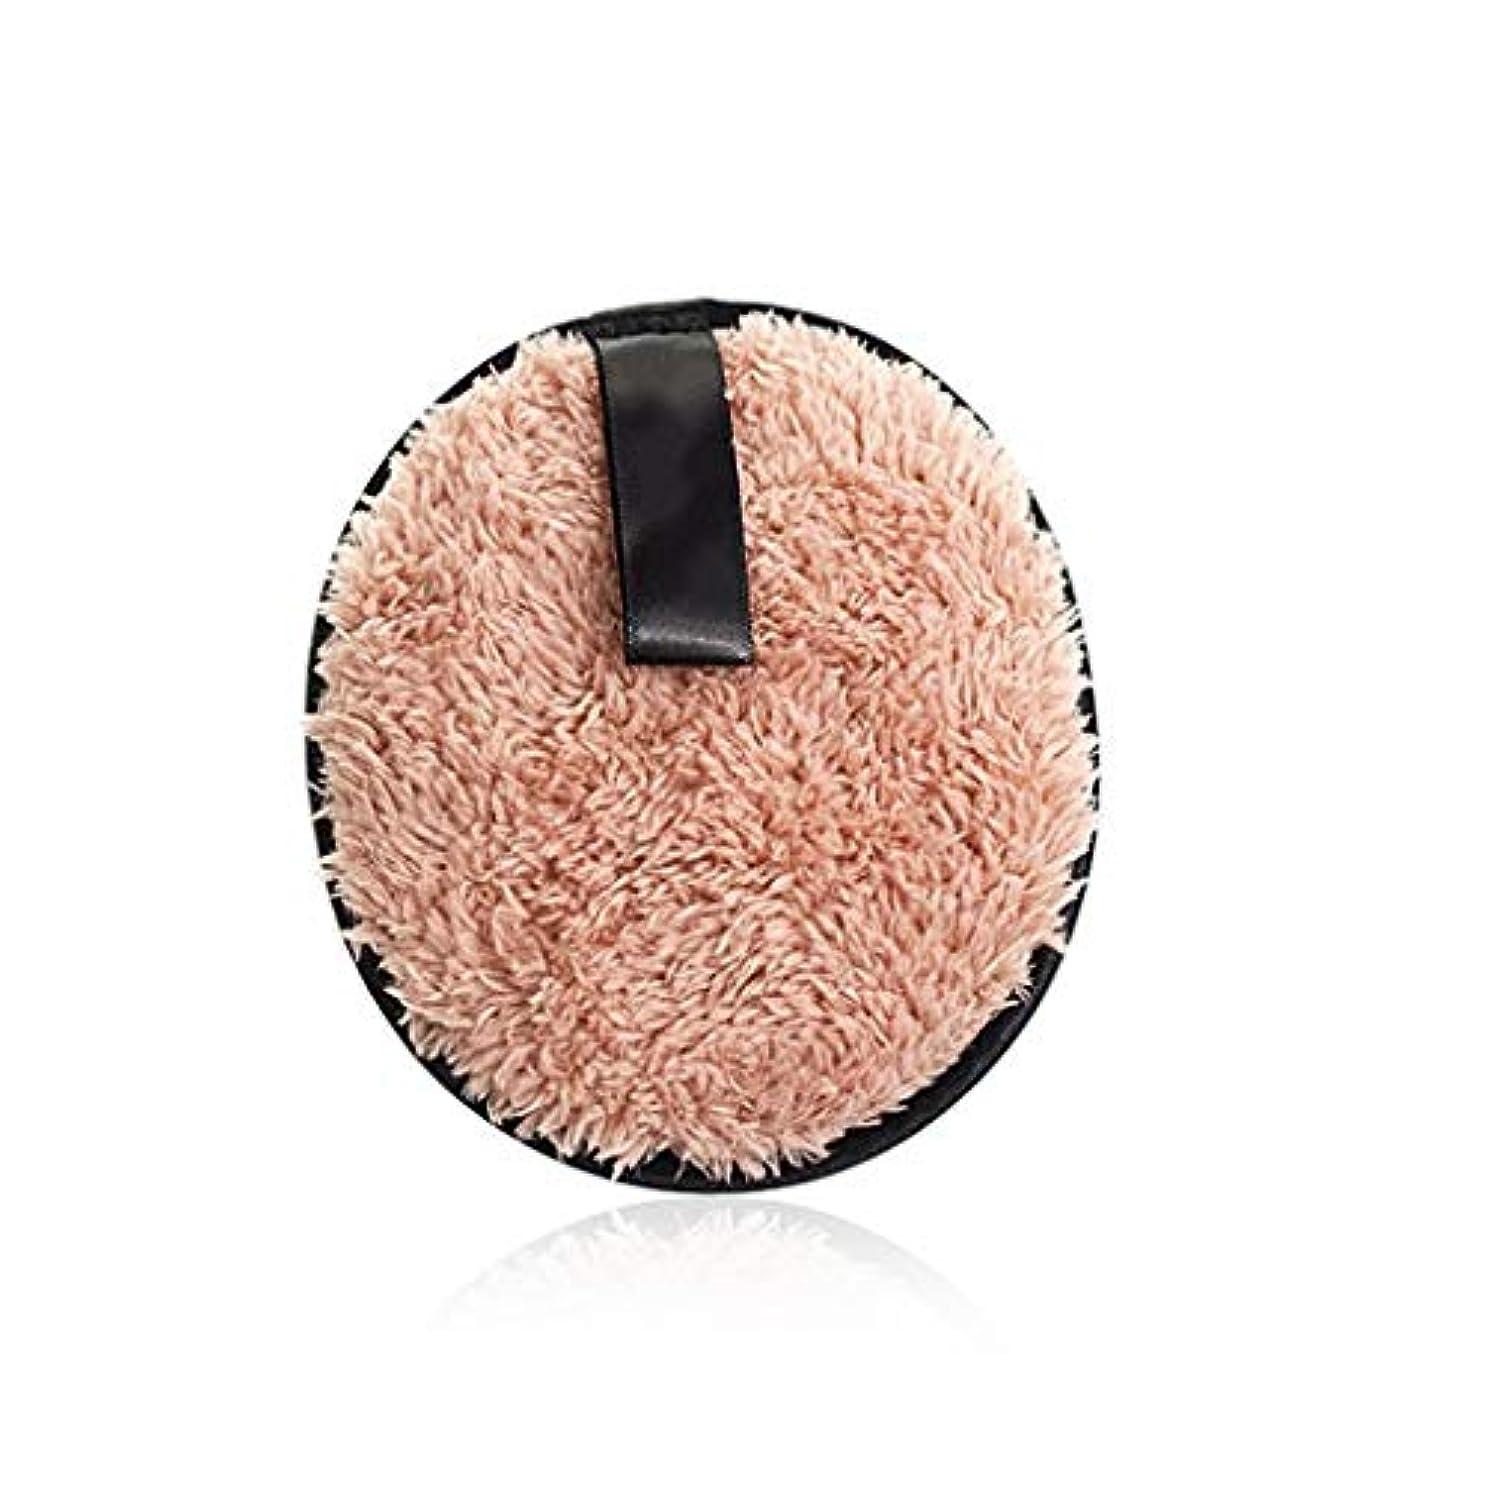 苦プランテーション藤色フェイスメイクアップリムーバーソフトスポンジコットンメイクアップリムーバークロスパウダーパフ洗顔ワイプ再利用可能な洗えるパッド (Color : Light brown, サイズ : 4.7*4.7*0.7inch)